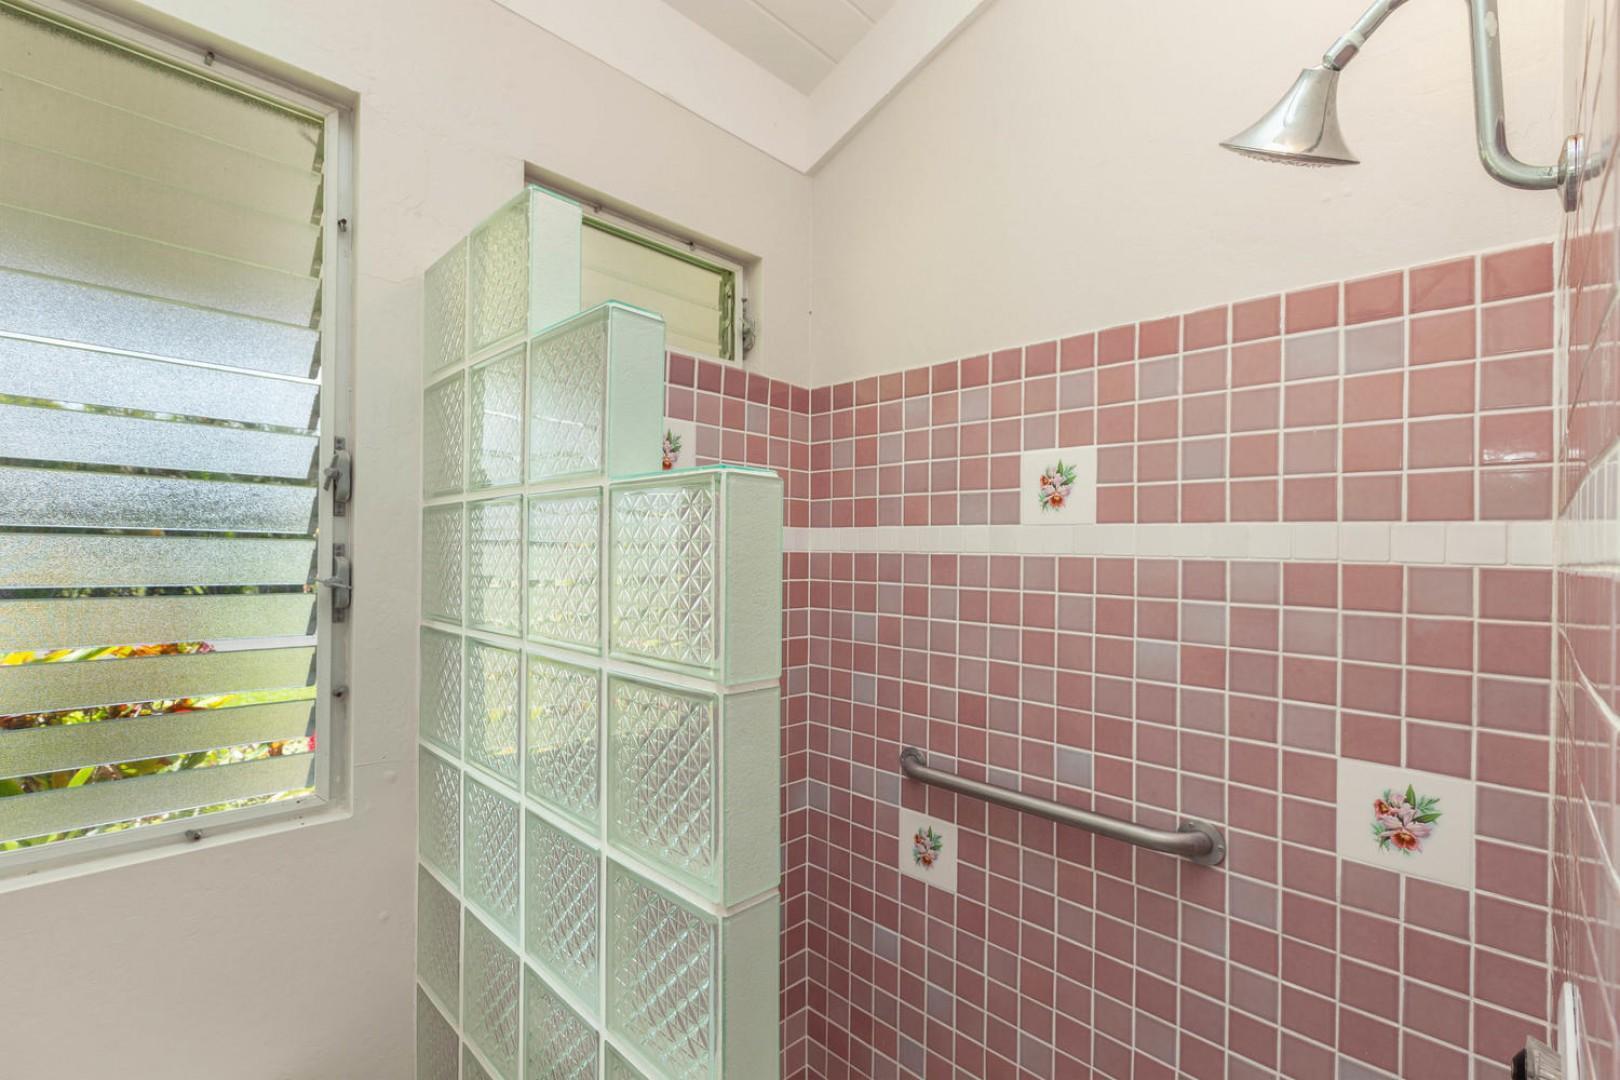 Tiled shower in shared bathroom